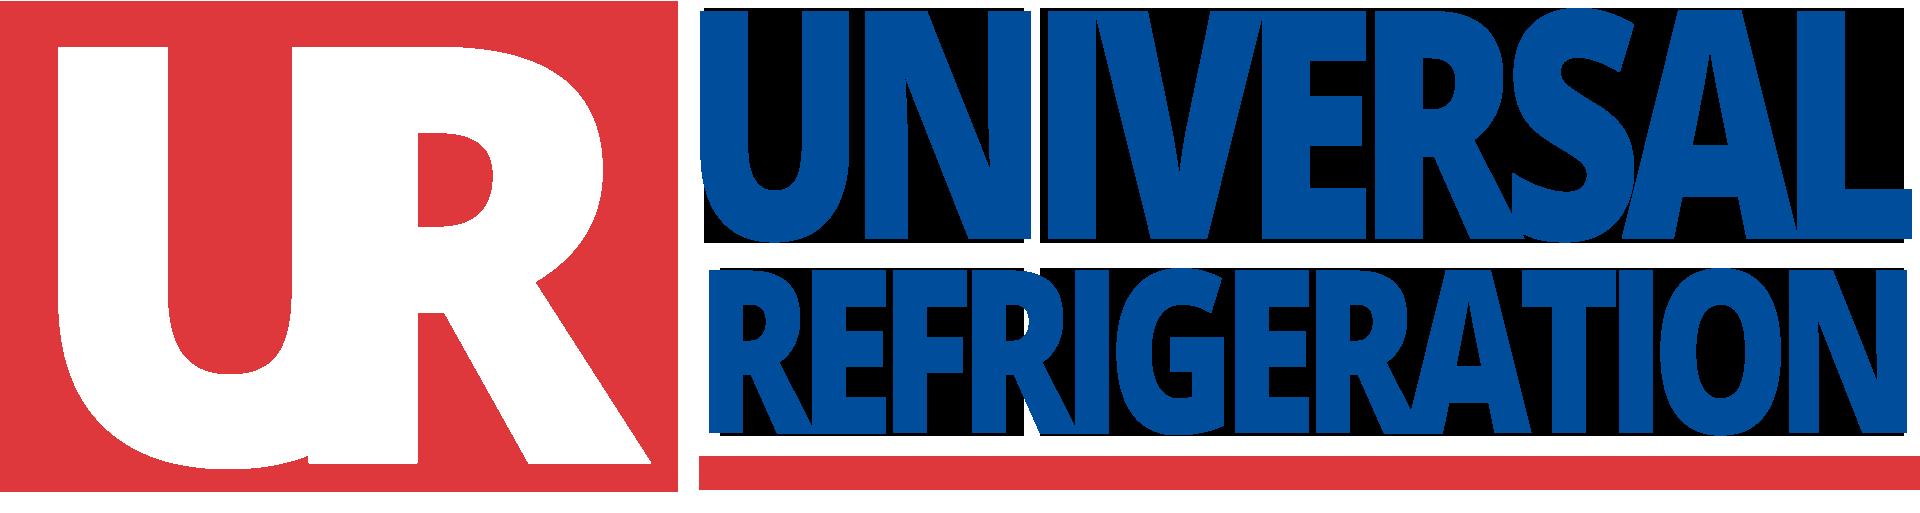 Universal Refrigeration